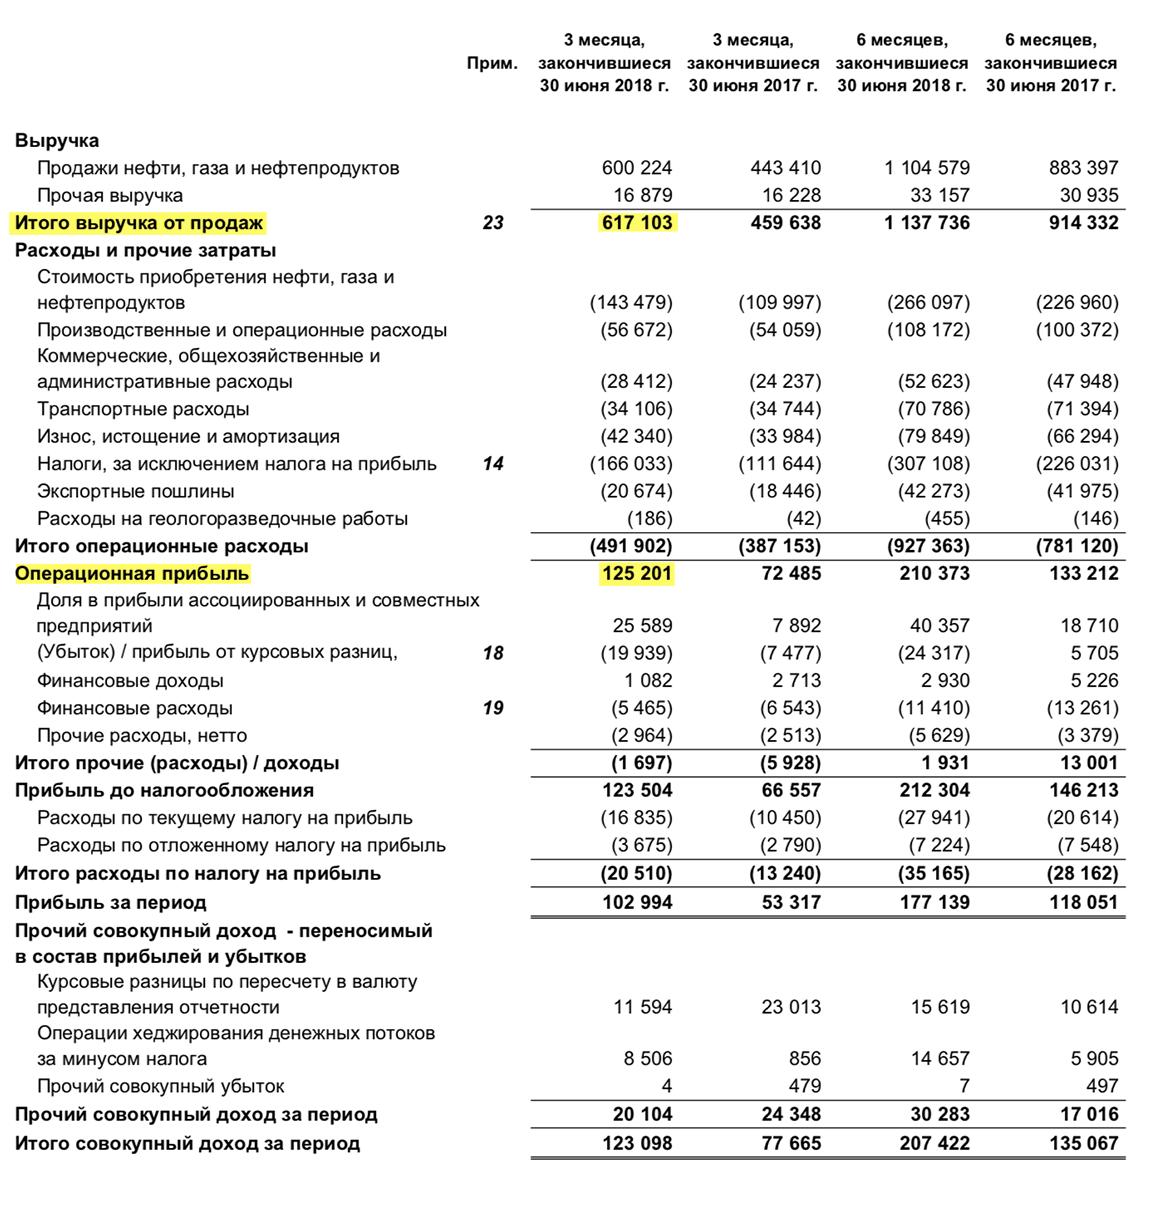 Отчет о прибылях и убытках «Газпром-нефти» за второй кв. 2018 года, стр. 3